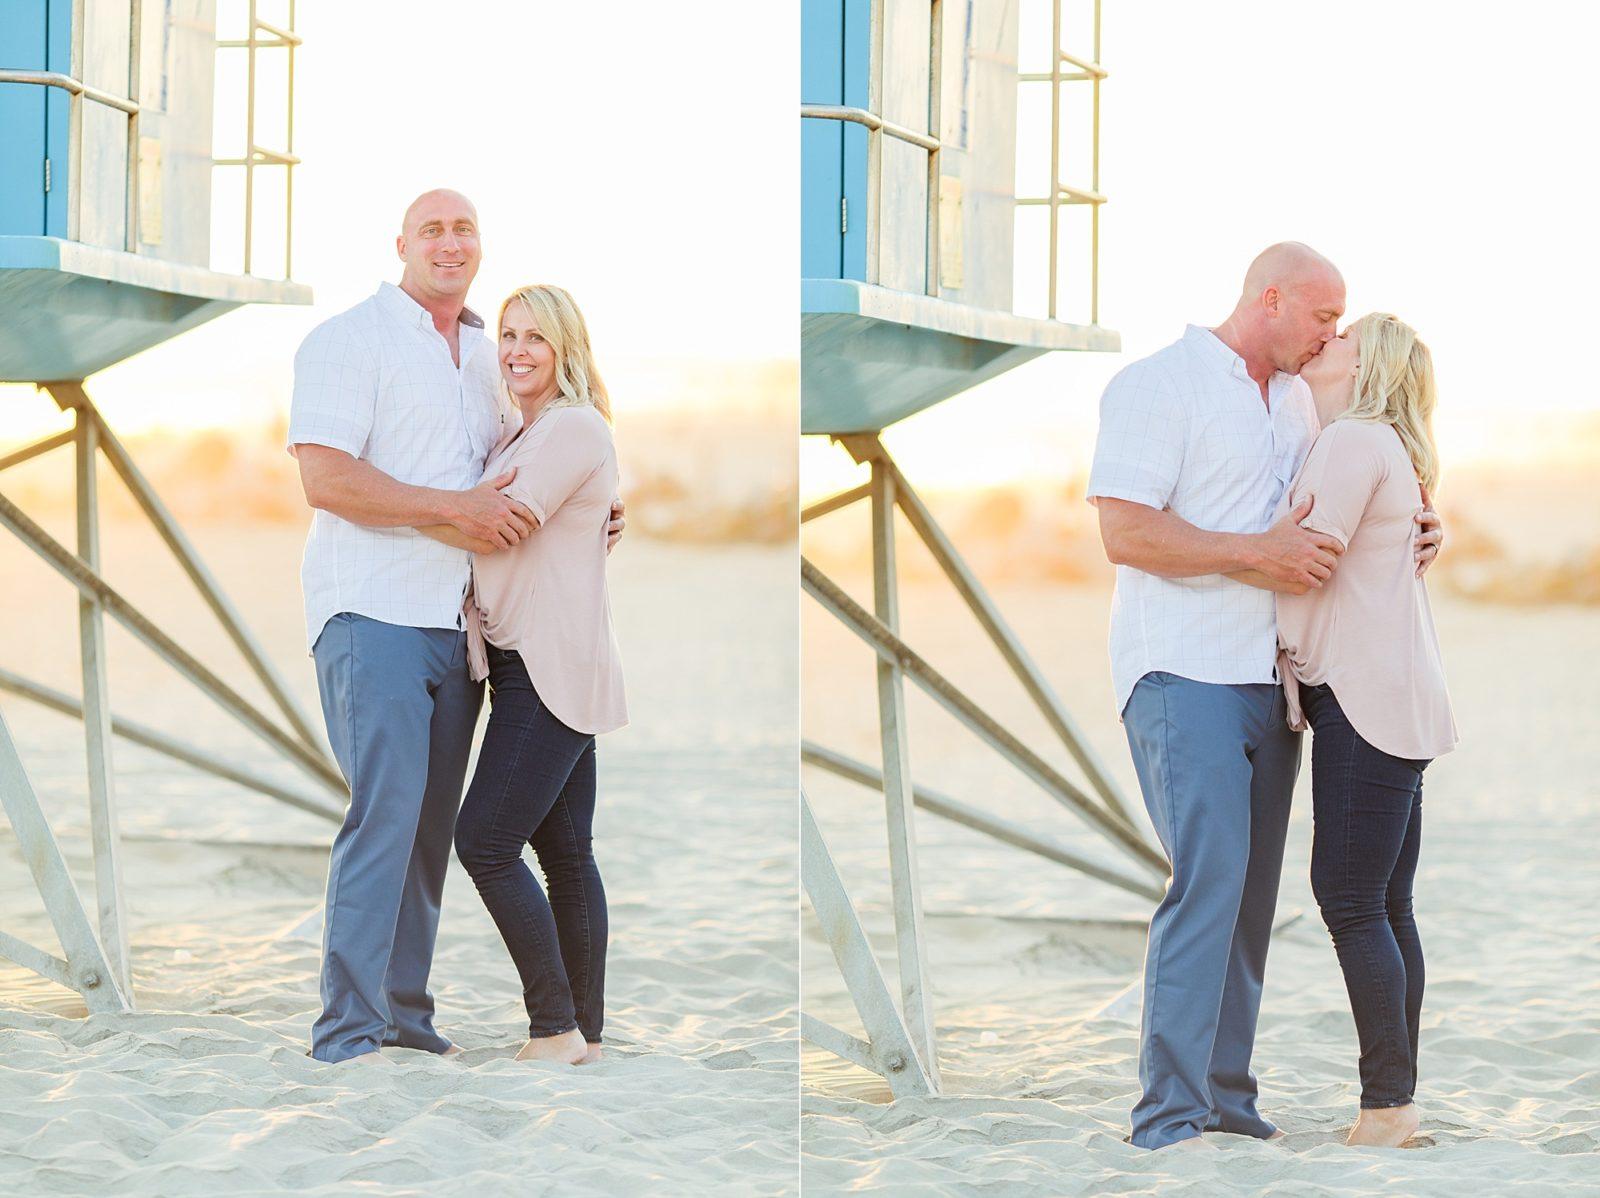 Couples Photography San Diego | San Diego Beach Photography